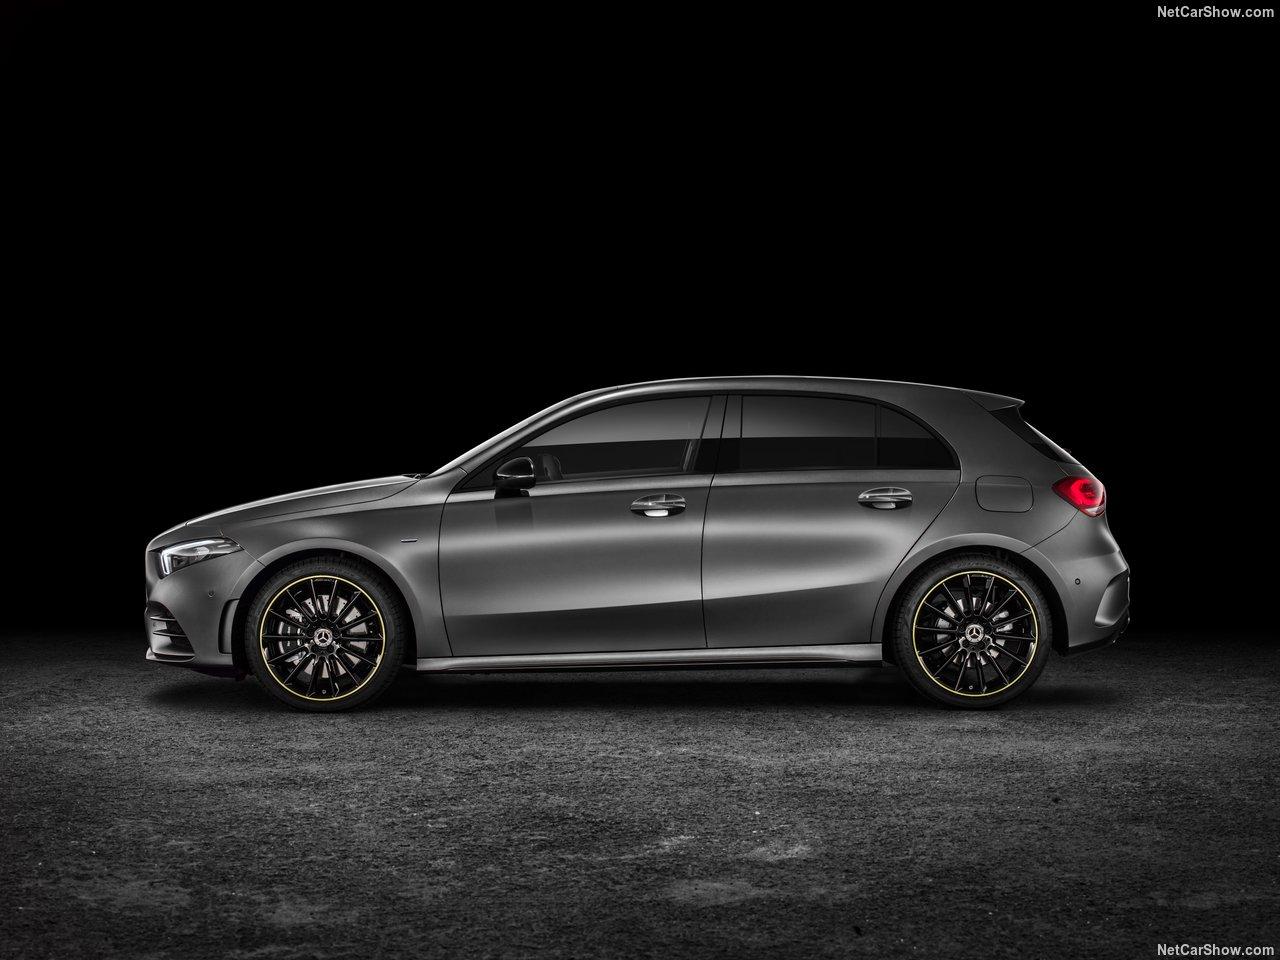 Mercedes-Benz-A-Class-2019-1280-28.jpg